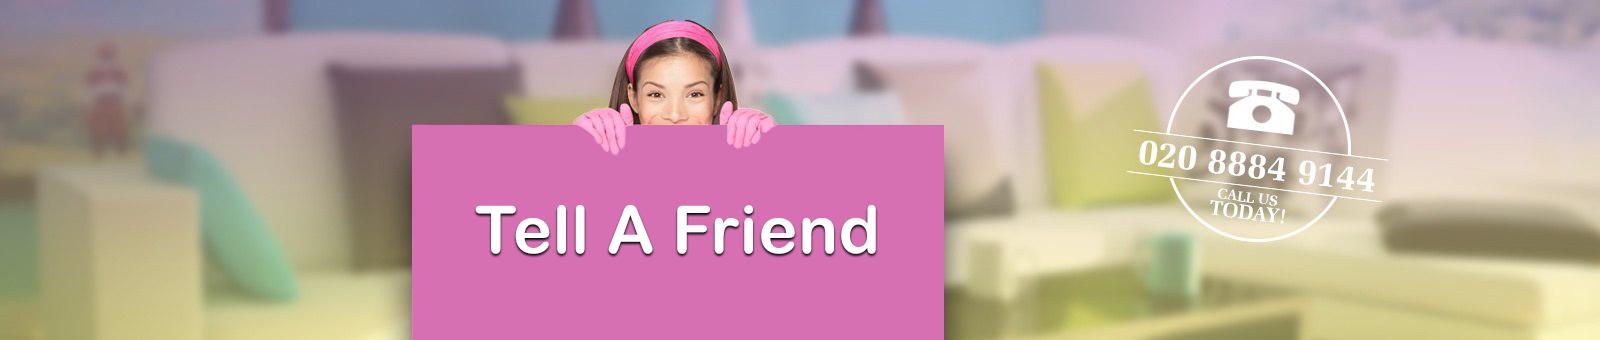 Millag5 Tell A Friend